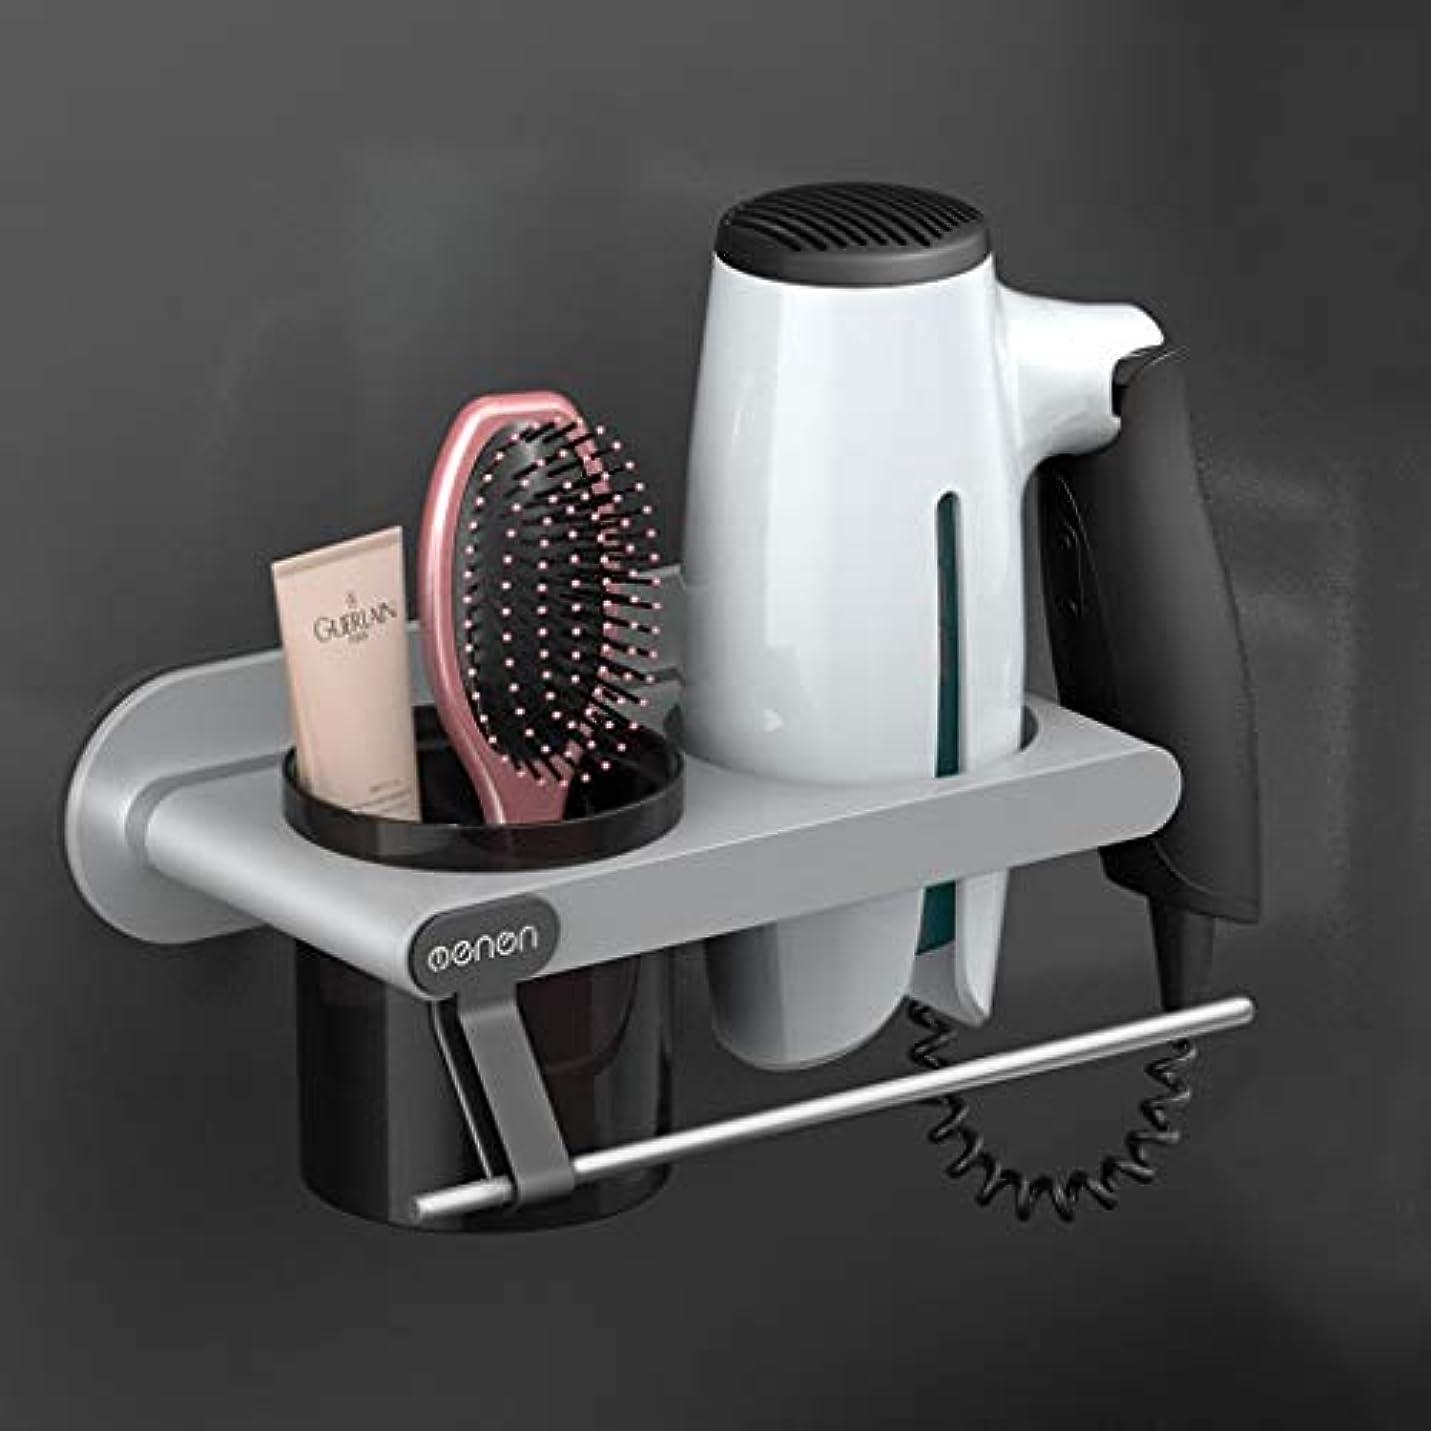 労苦名詞ジェームズダイソンシルフィクル 壁掛け式ヘアドライヤーラックフリーパンチ浴室用収納ラック シルフィクル (Color : Gray)